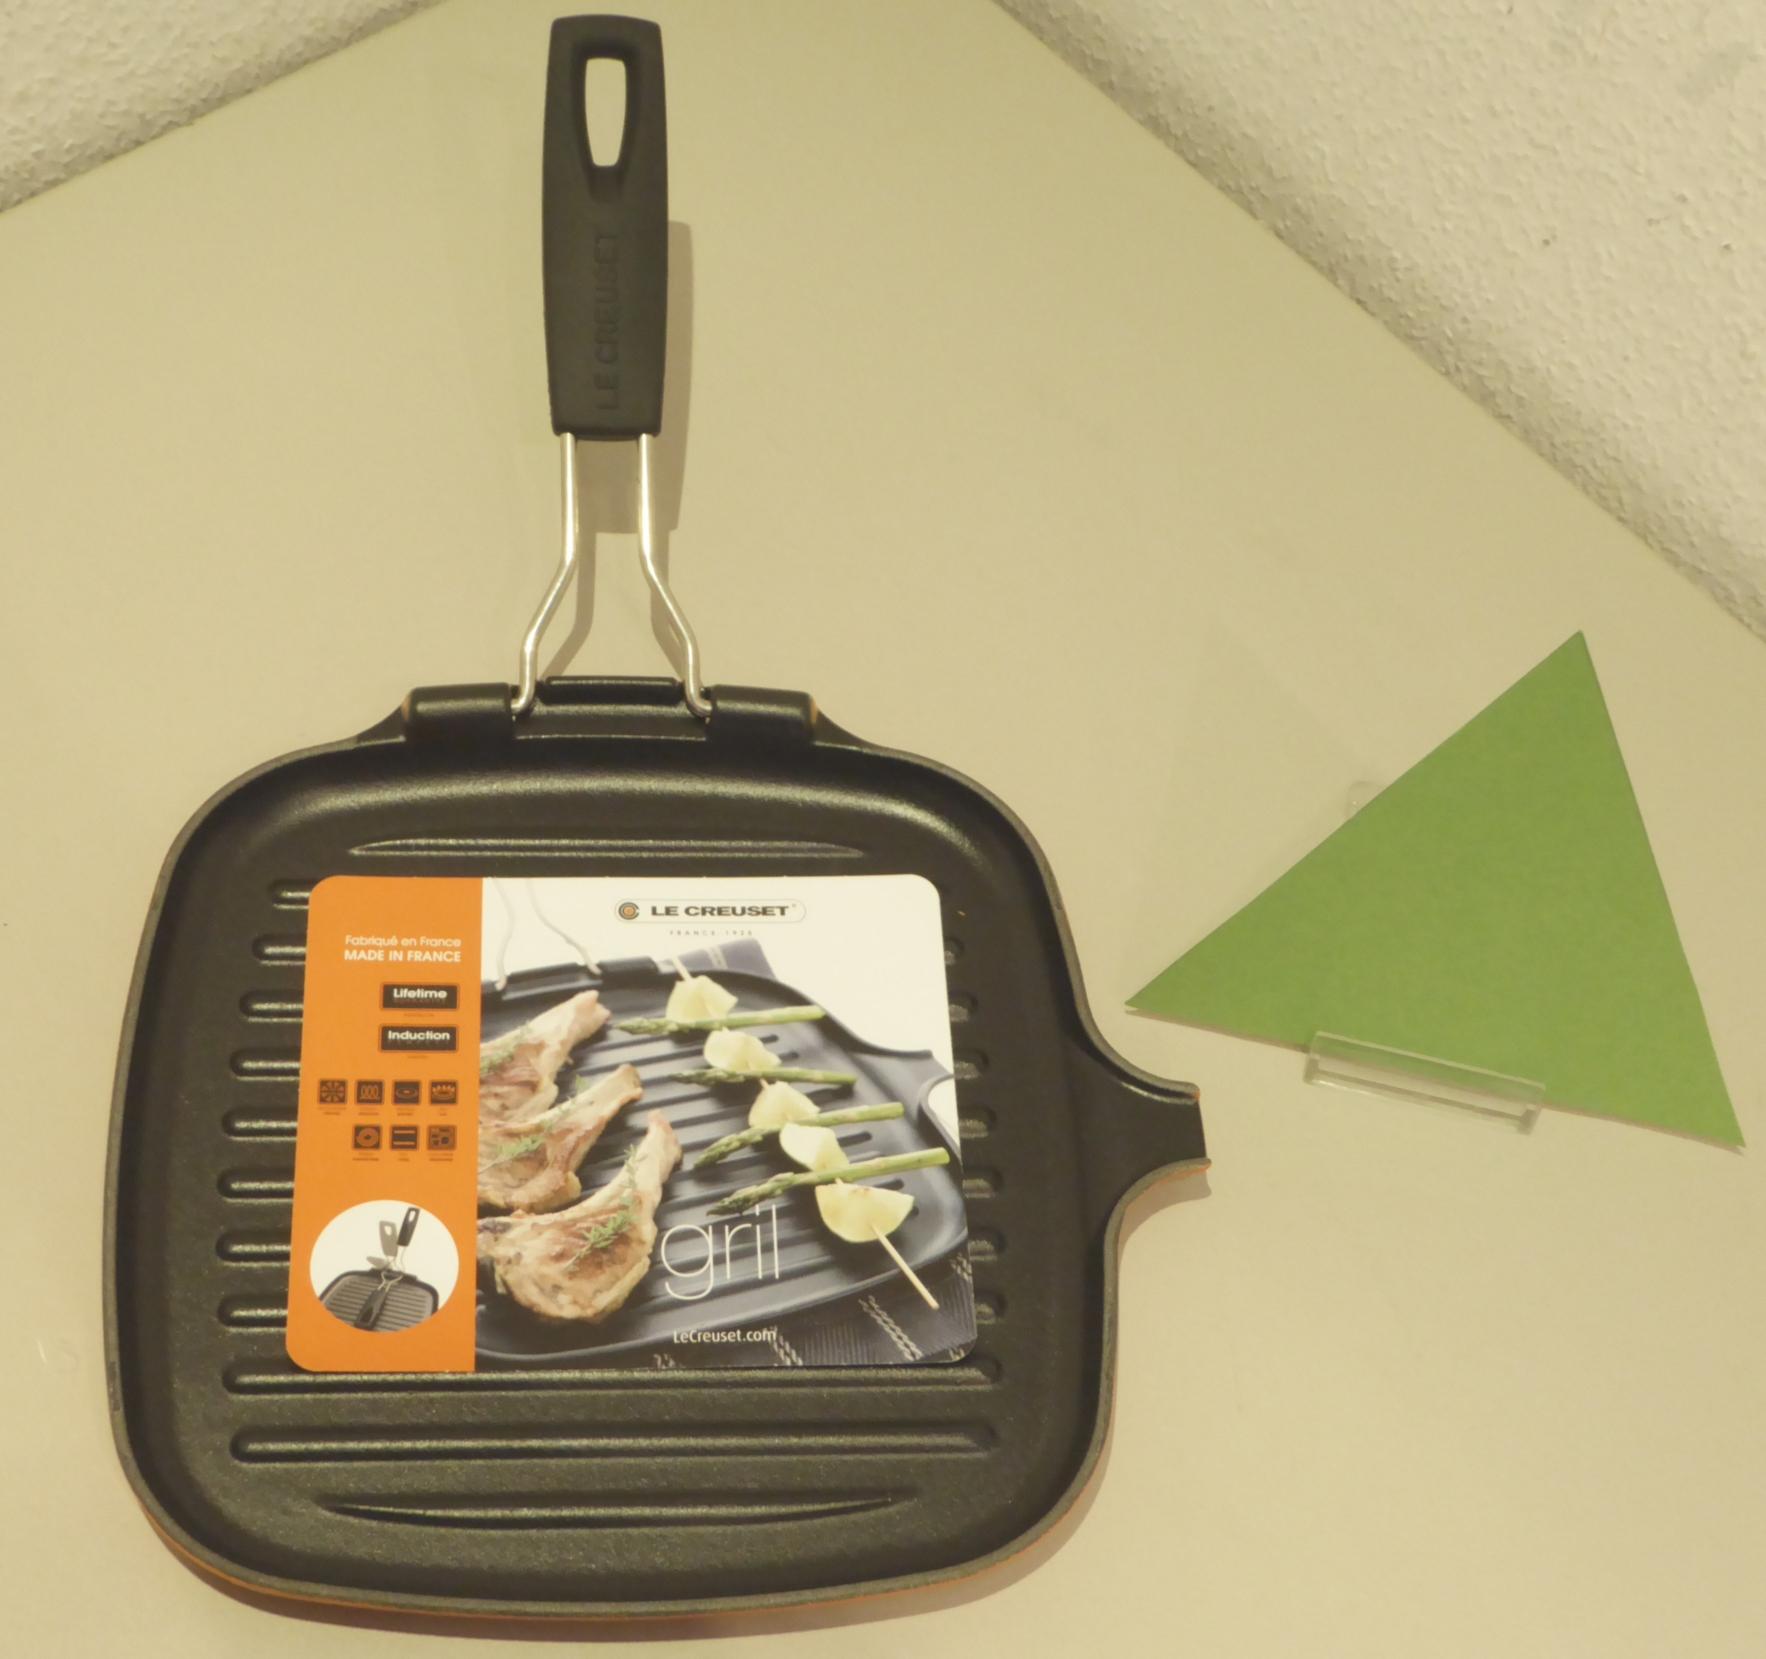 homann schenken kochen wohnen le creuset grillpfanne quadratisch ofenrot induktion 24x24 cm. Black Bedroom Furniture Sets. Home Design Ideas